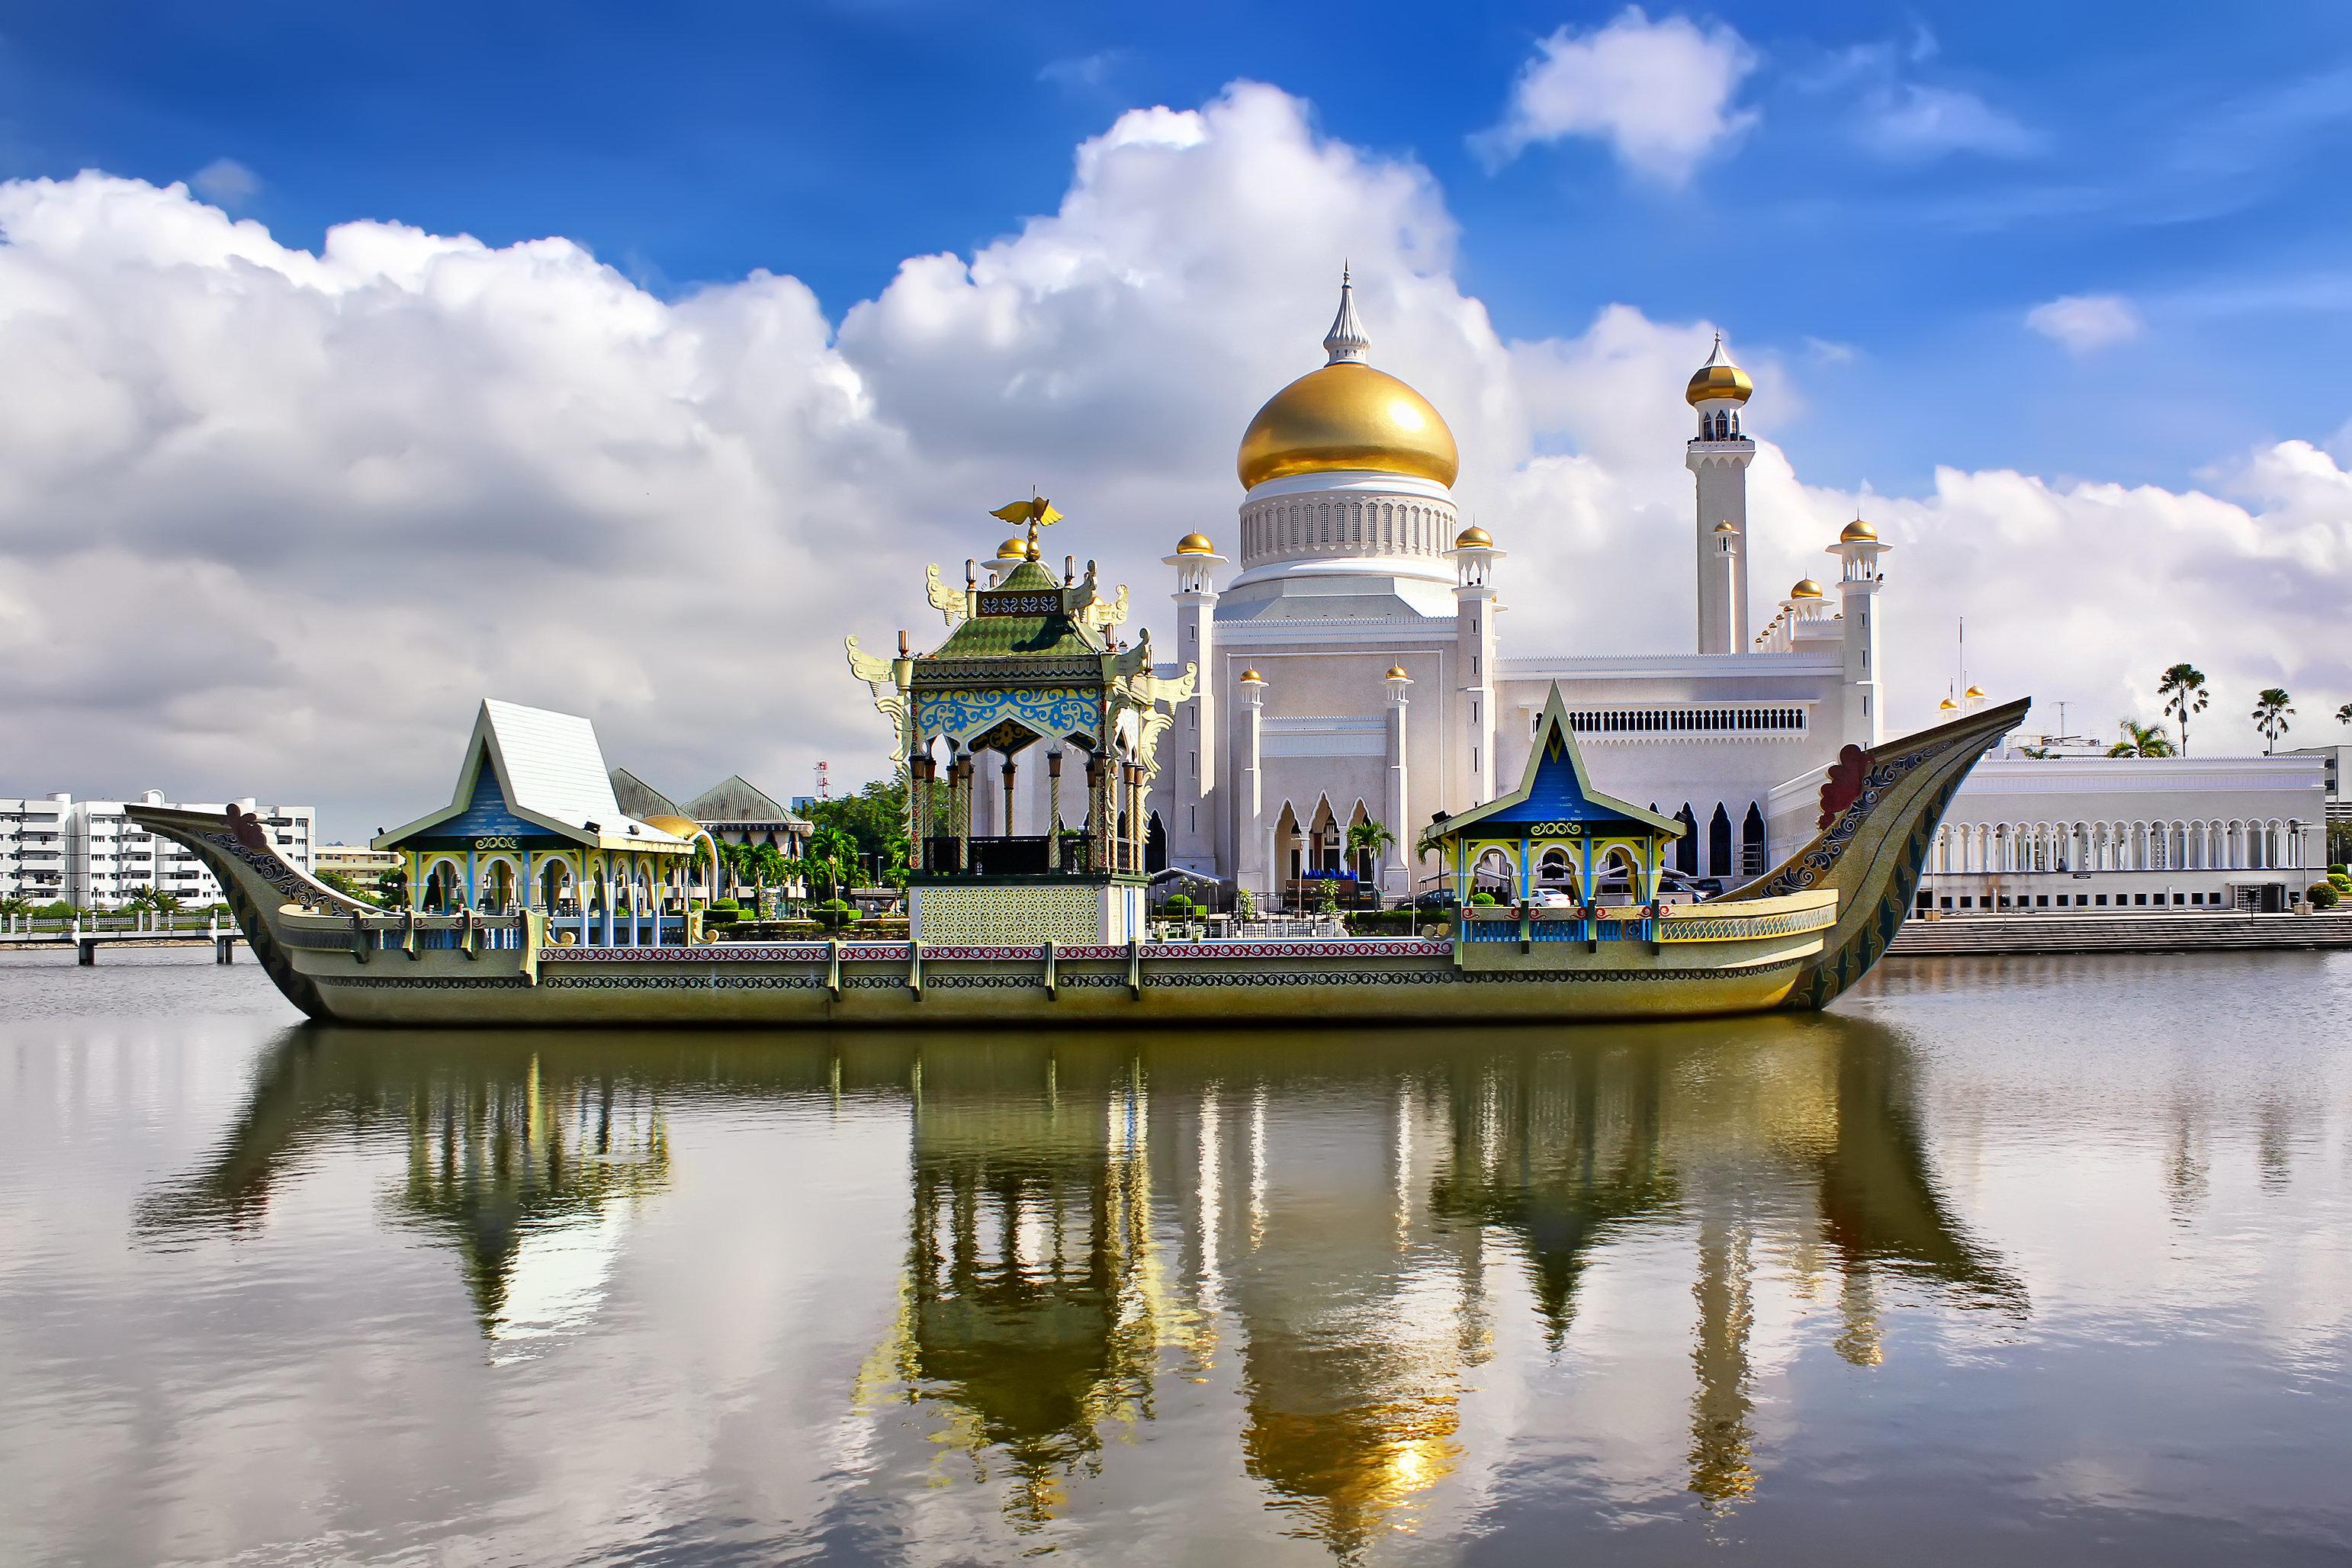 Θάνατος δια λιθοβολισμού στο Μπρουνέι για όσους επιδίδονται σε ομοφυλοφιλικό σεξ και